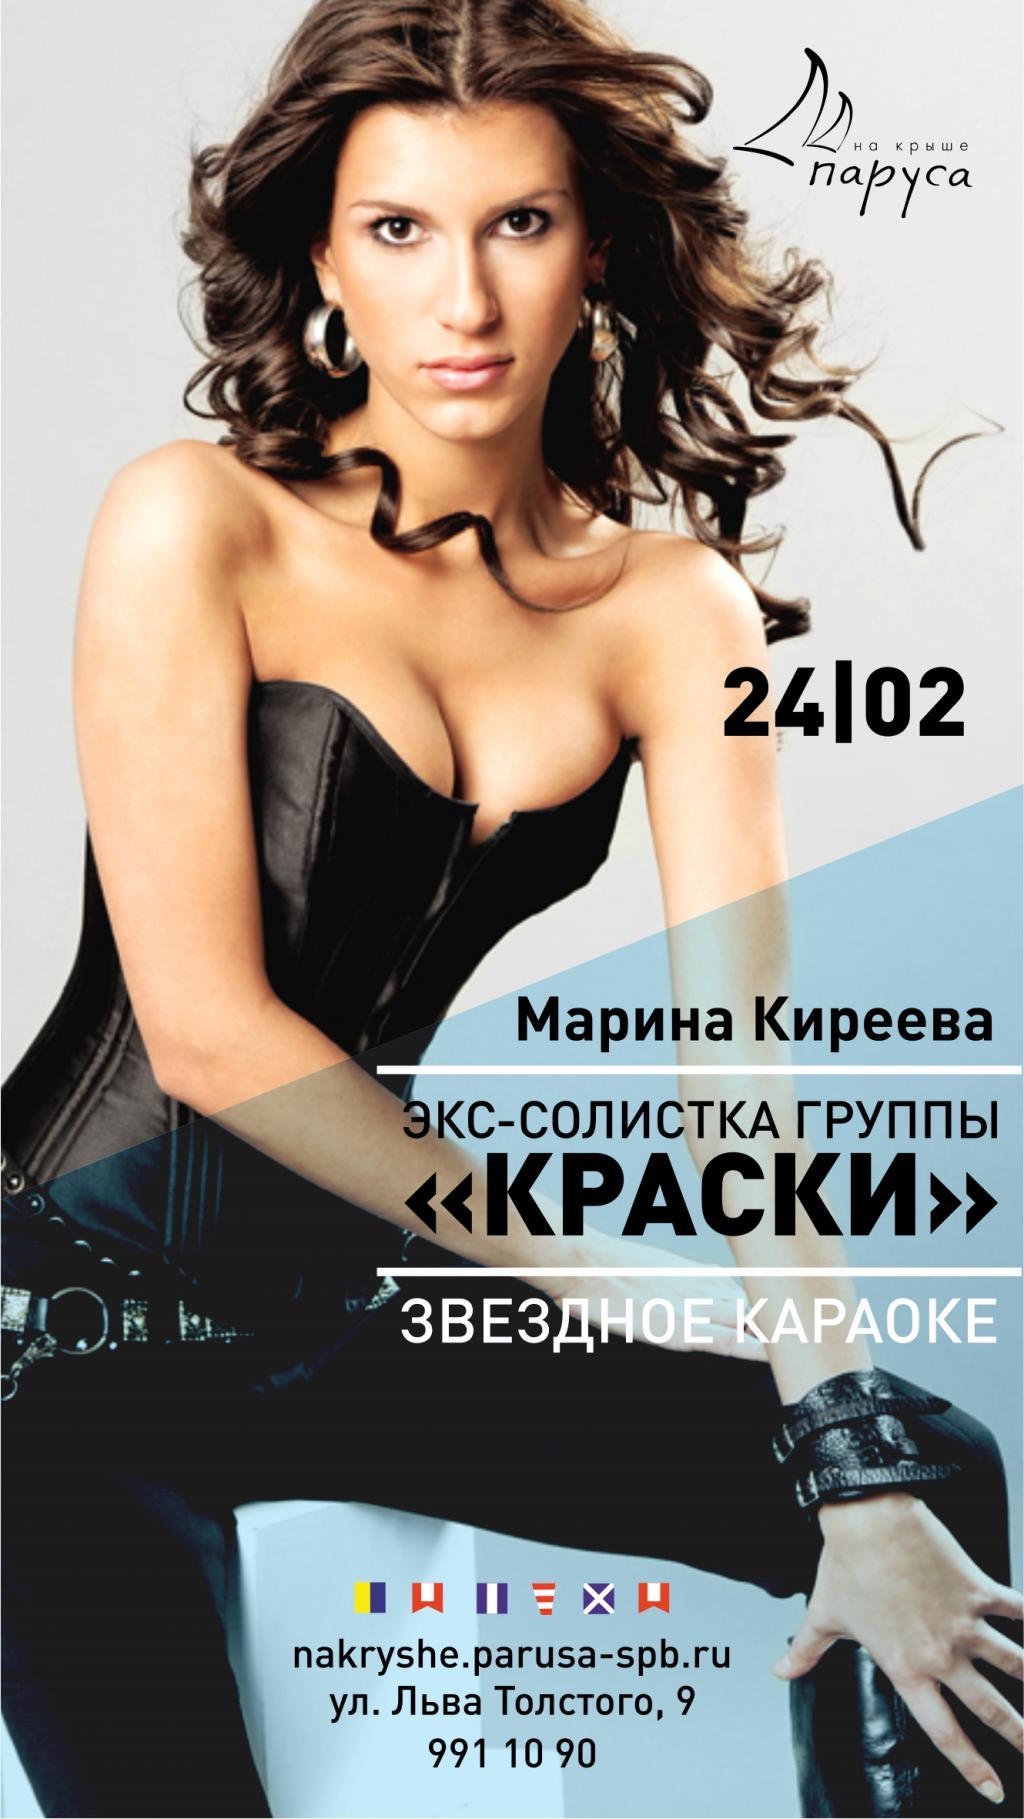 ЗВЕЗДНОЕ КАРАОКЕ - Марина Киреев  - ех. cолистка группы КРАСКИ в «Парусах на крыше».